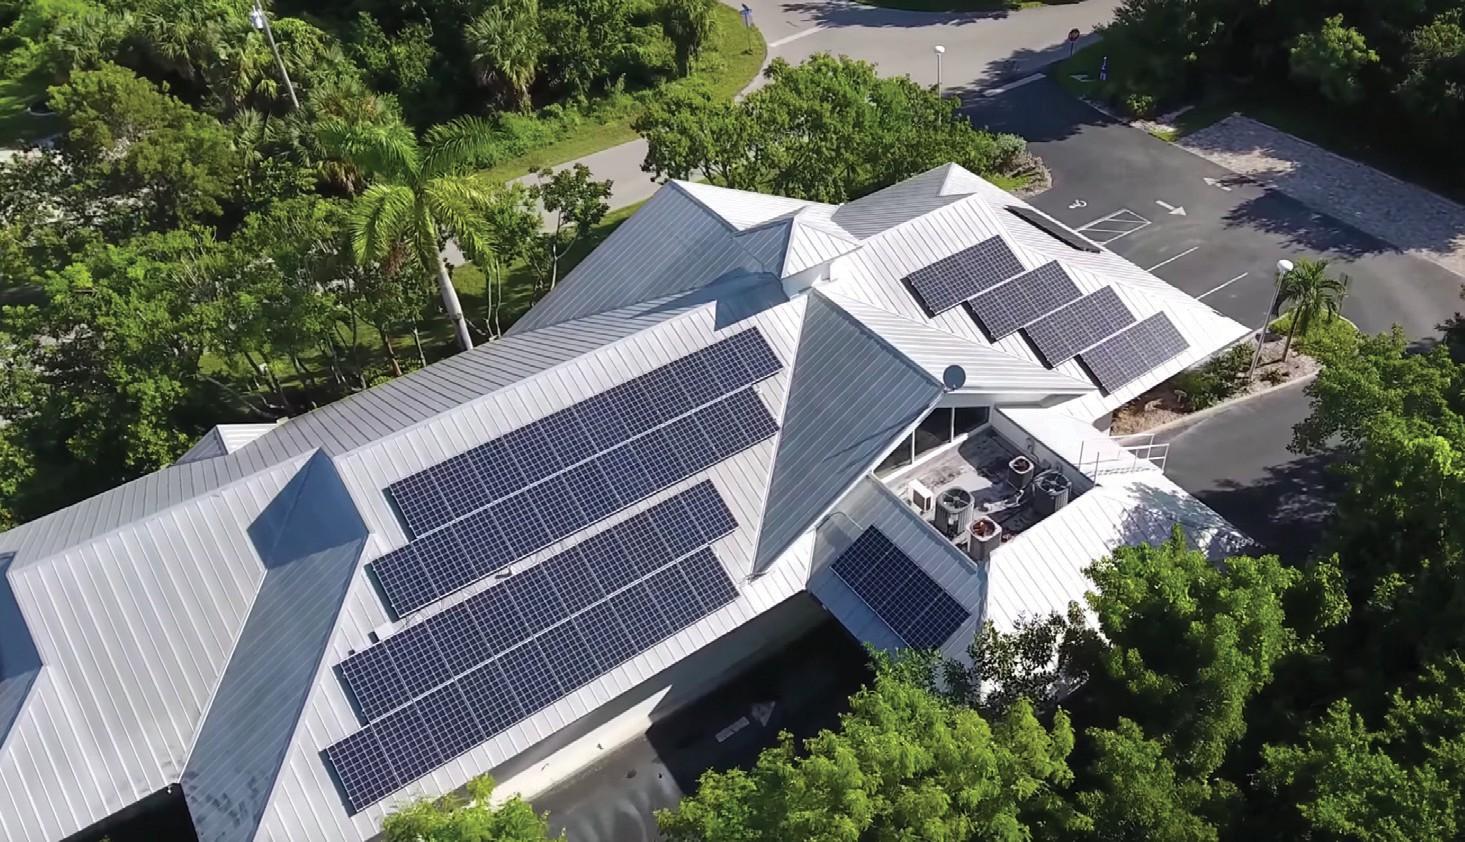 soalr panels on sancap bank building